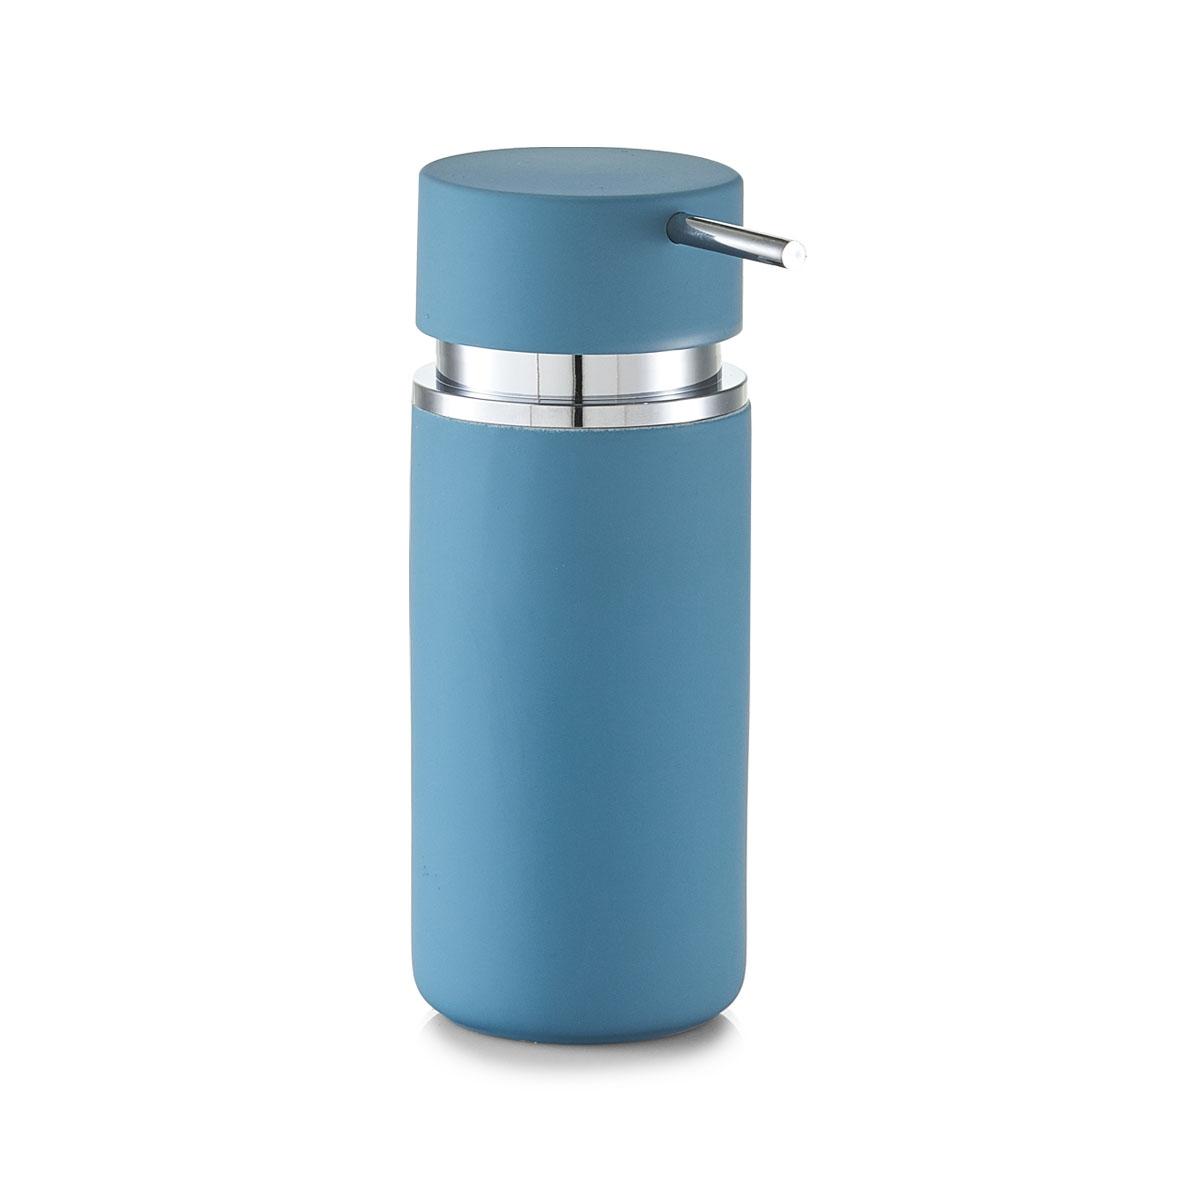 Dozator pentru sapun din ceramica, Rubber, Ø 6,6xH16 cm-Albastru somproduct.ro